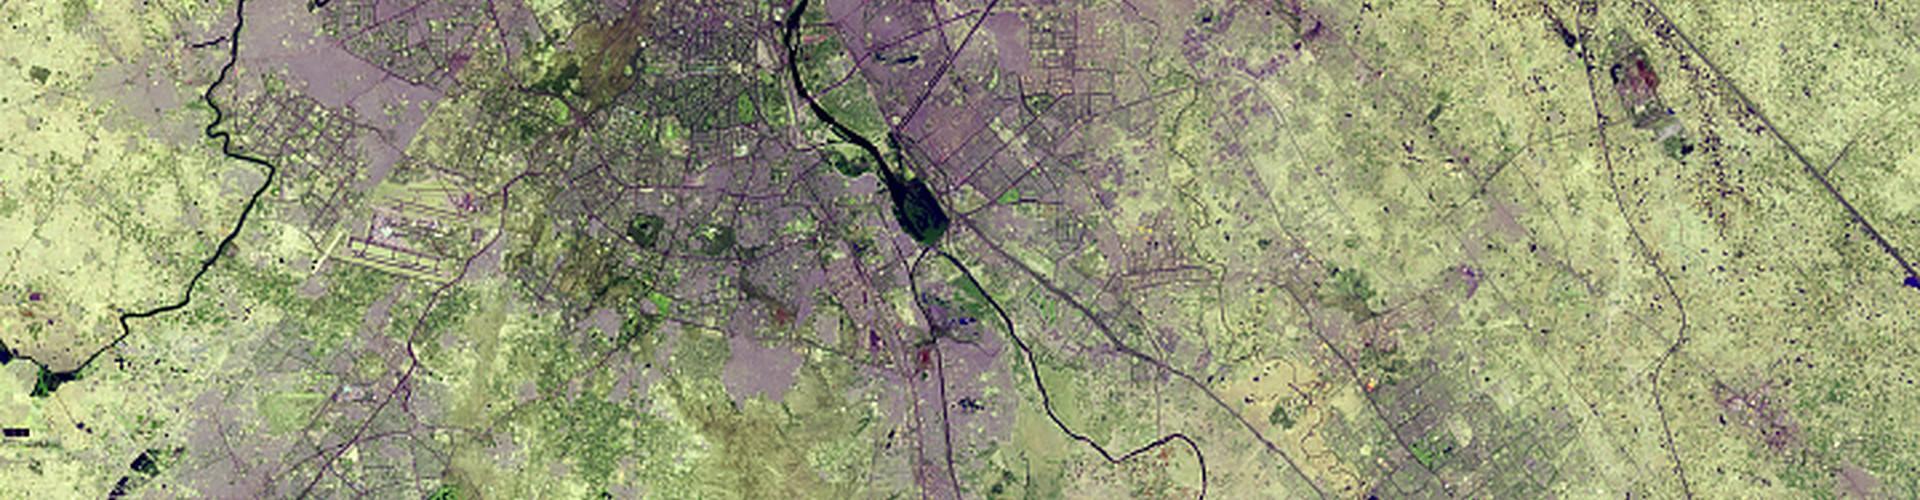 Delhi, India and environs